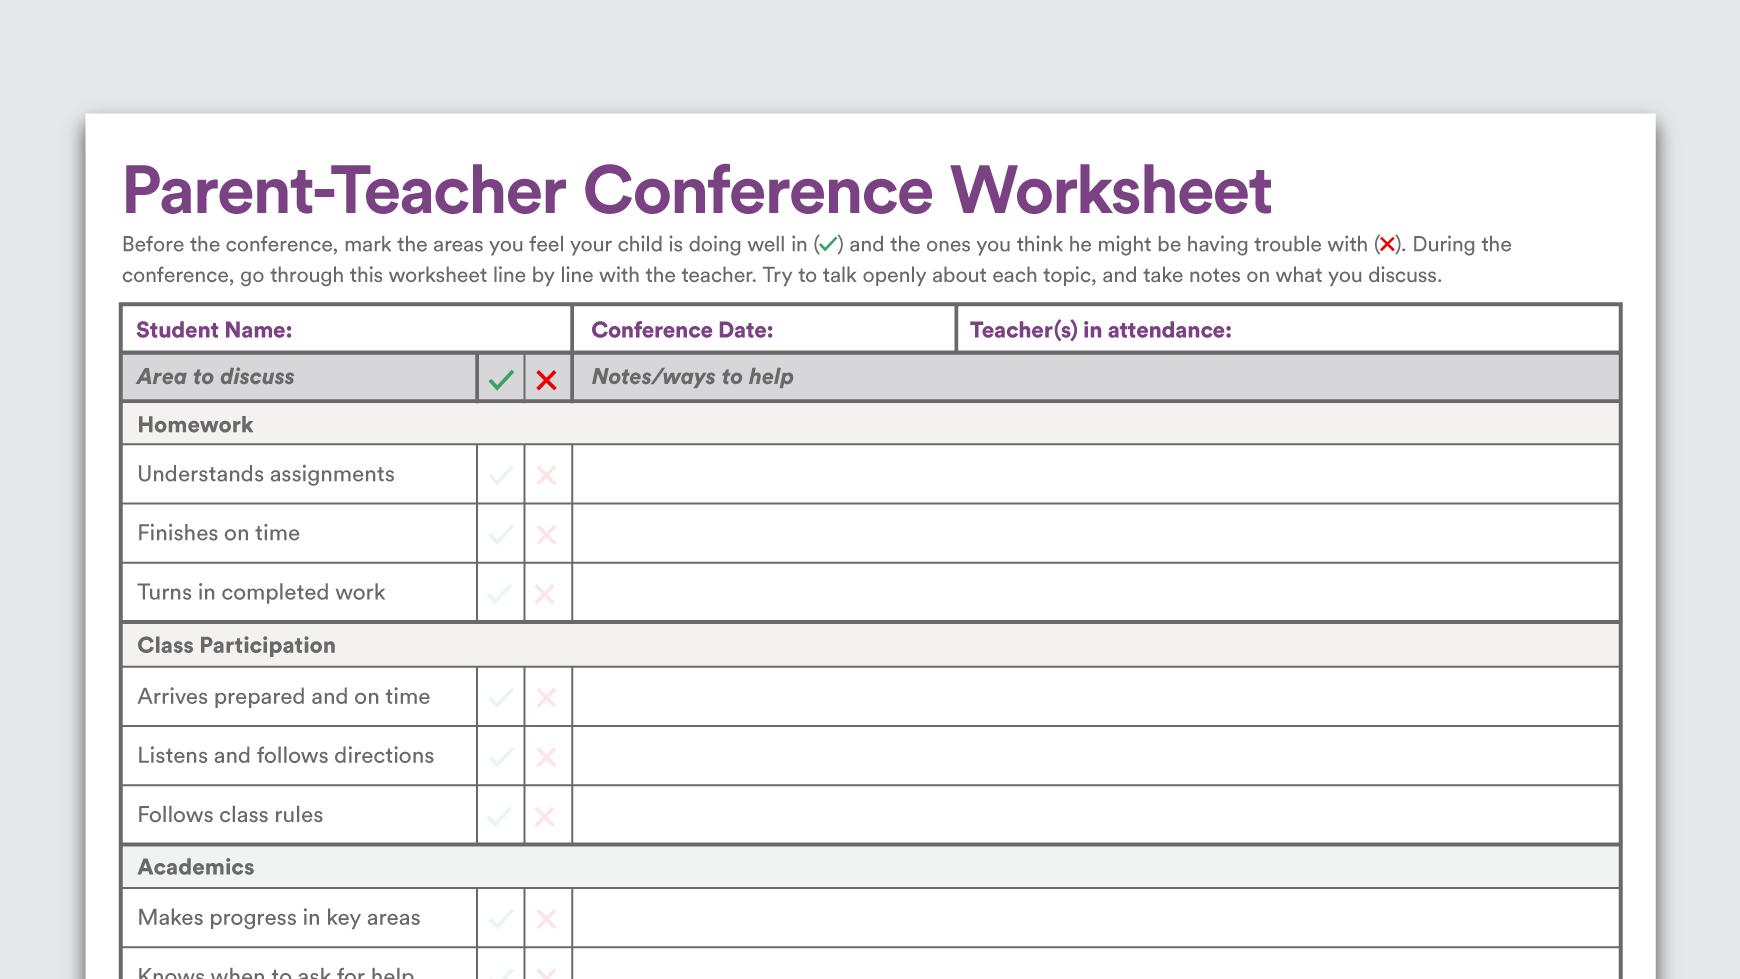 Download: Parent-Teacher Conference Worksheet - Understood